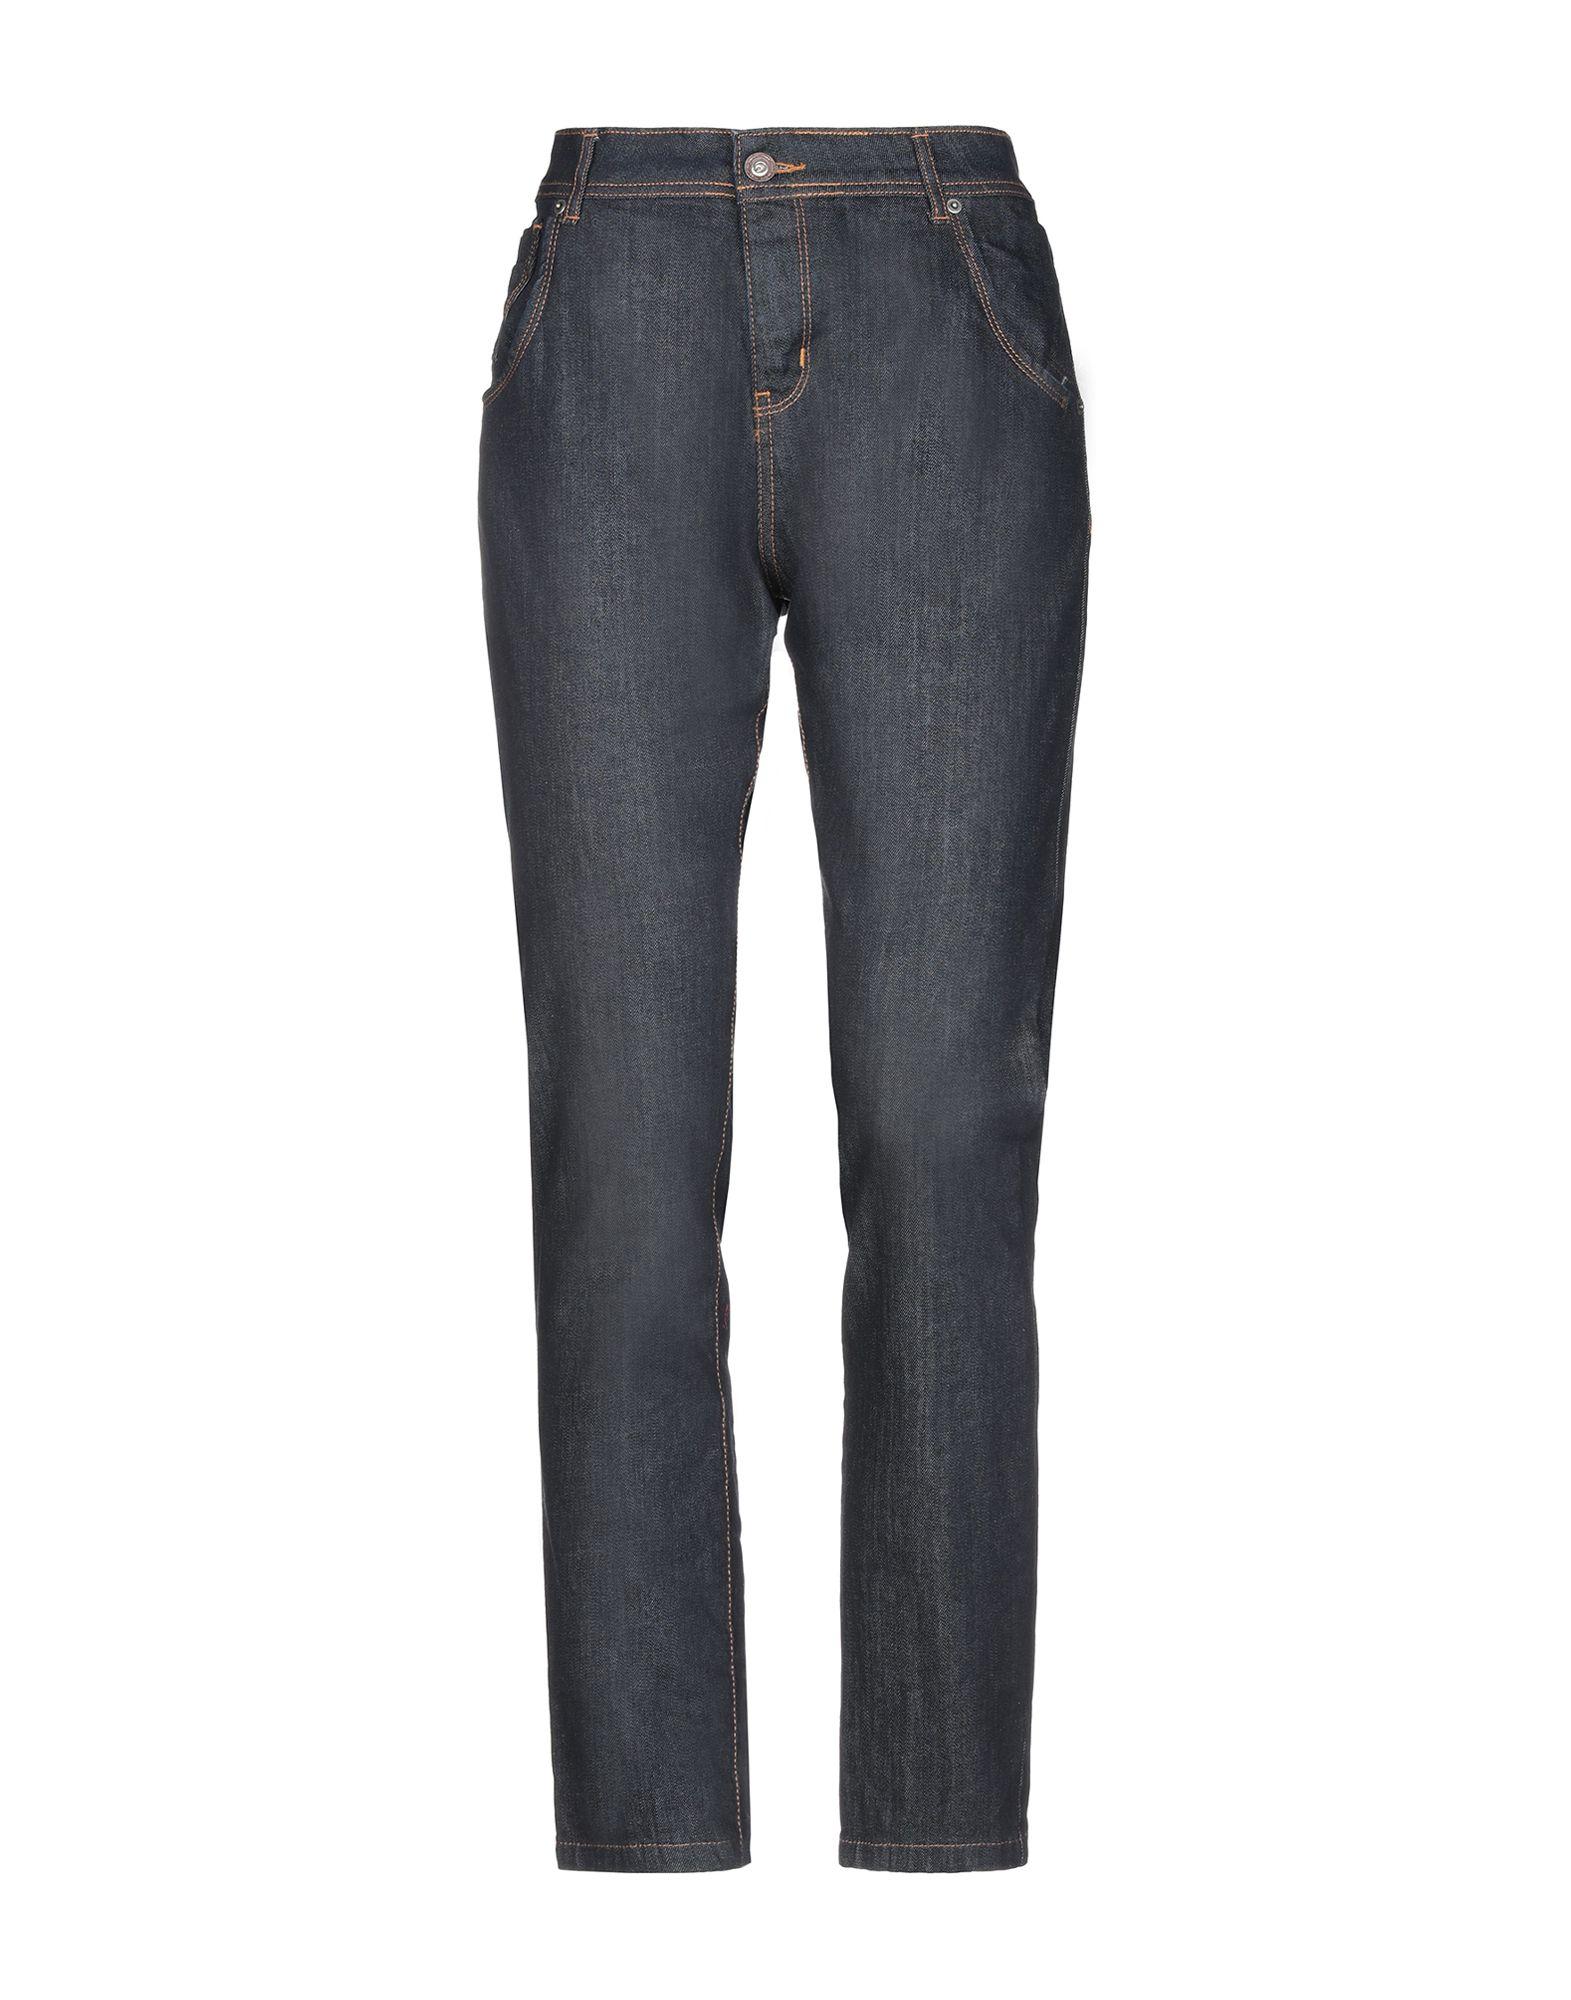 MISS MISS Джинсовые брюки комбинезон miss selfridge miss selfridge mi035ewysk50